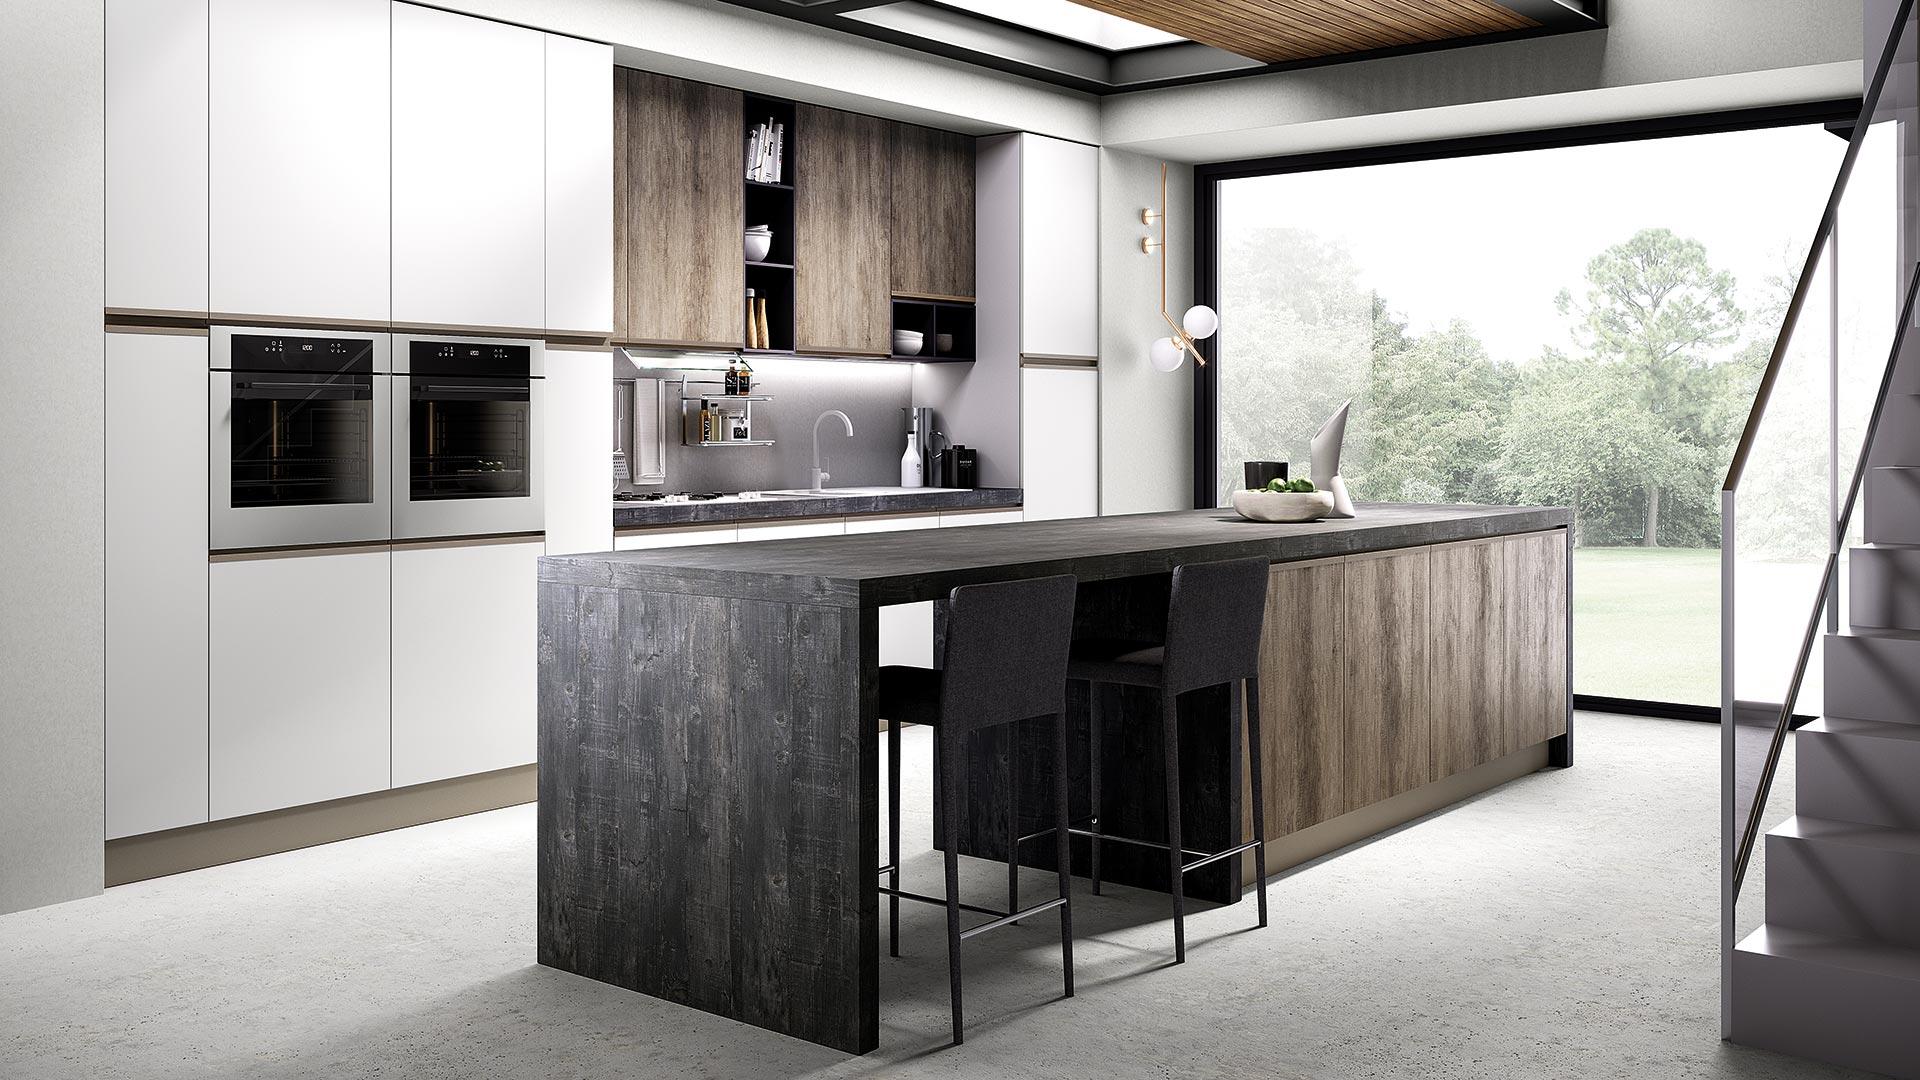 Cucina con maniglia integrata, MAIA, un modello accessibile ...